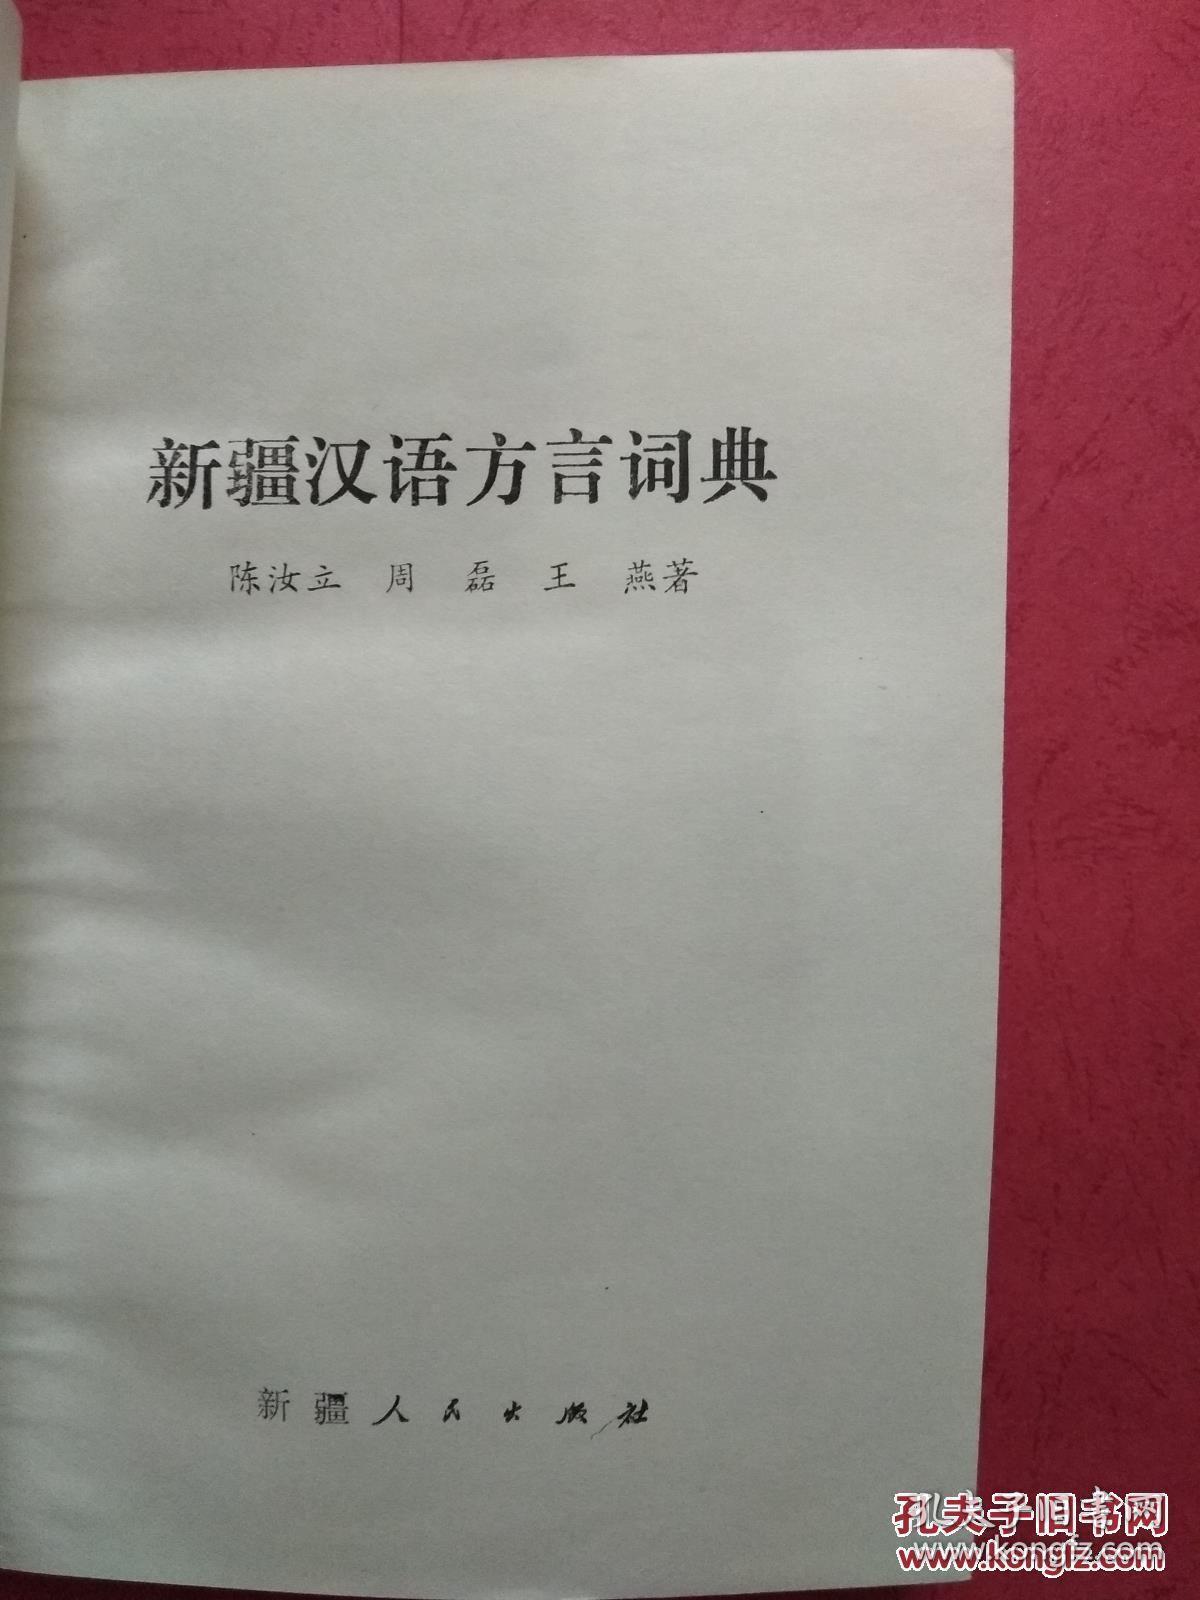 新疆汉语方言辞典小学厦门庄莉图片